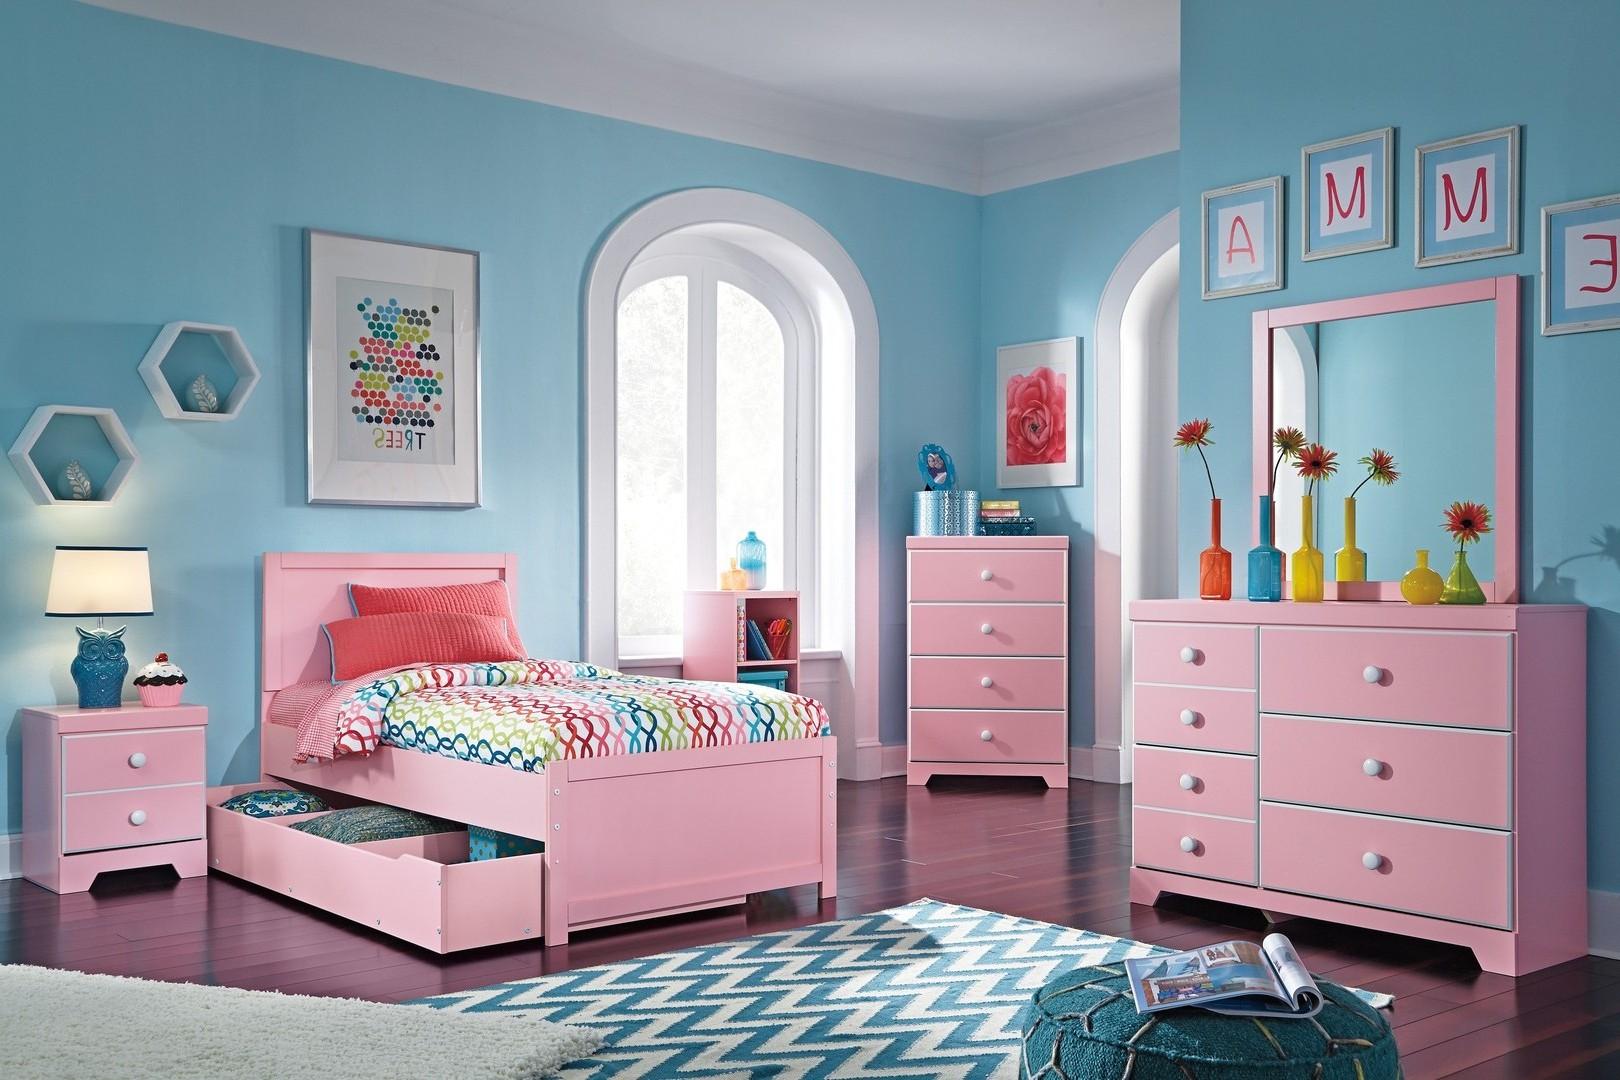 kamar tidur anak warna pink | sobat interior rumah